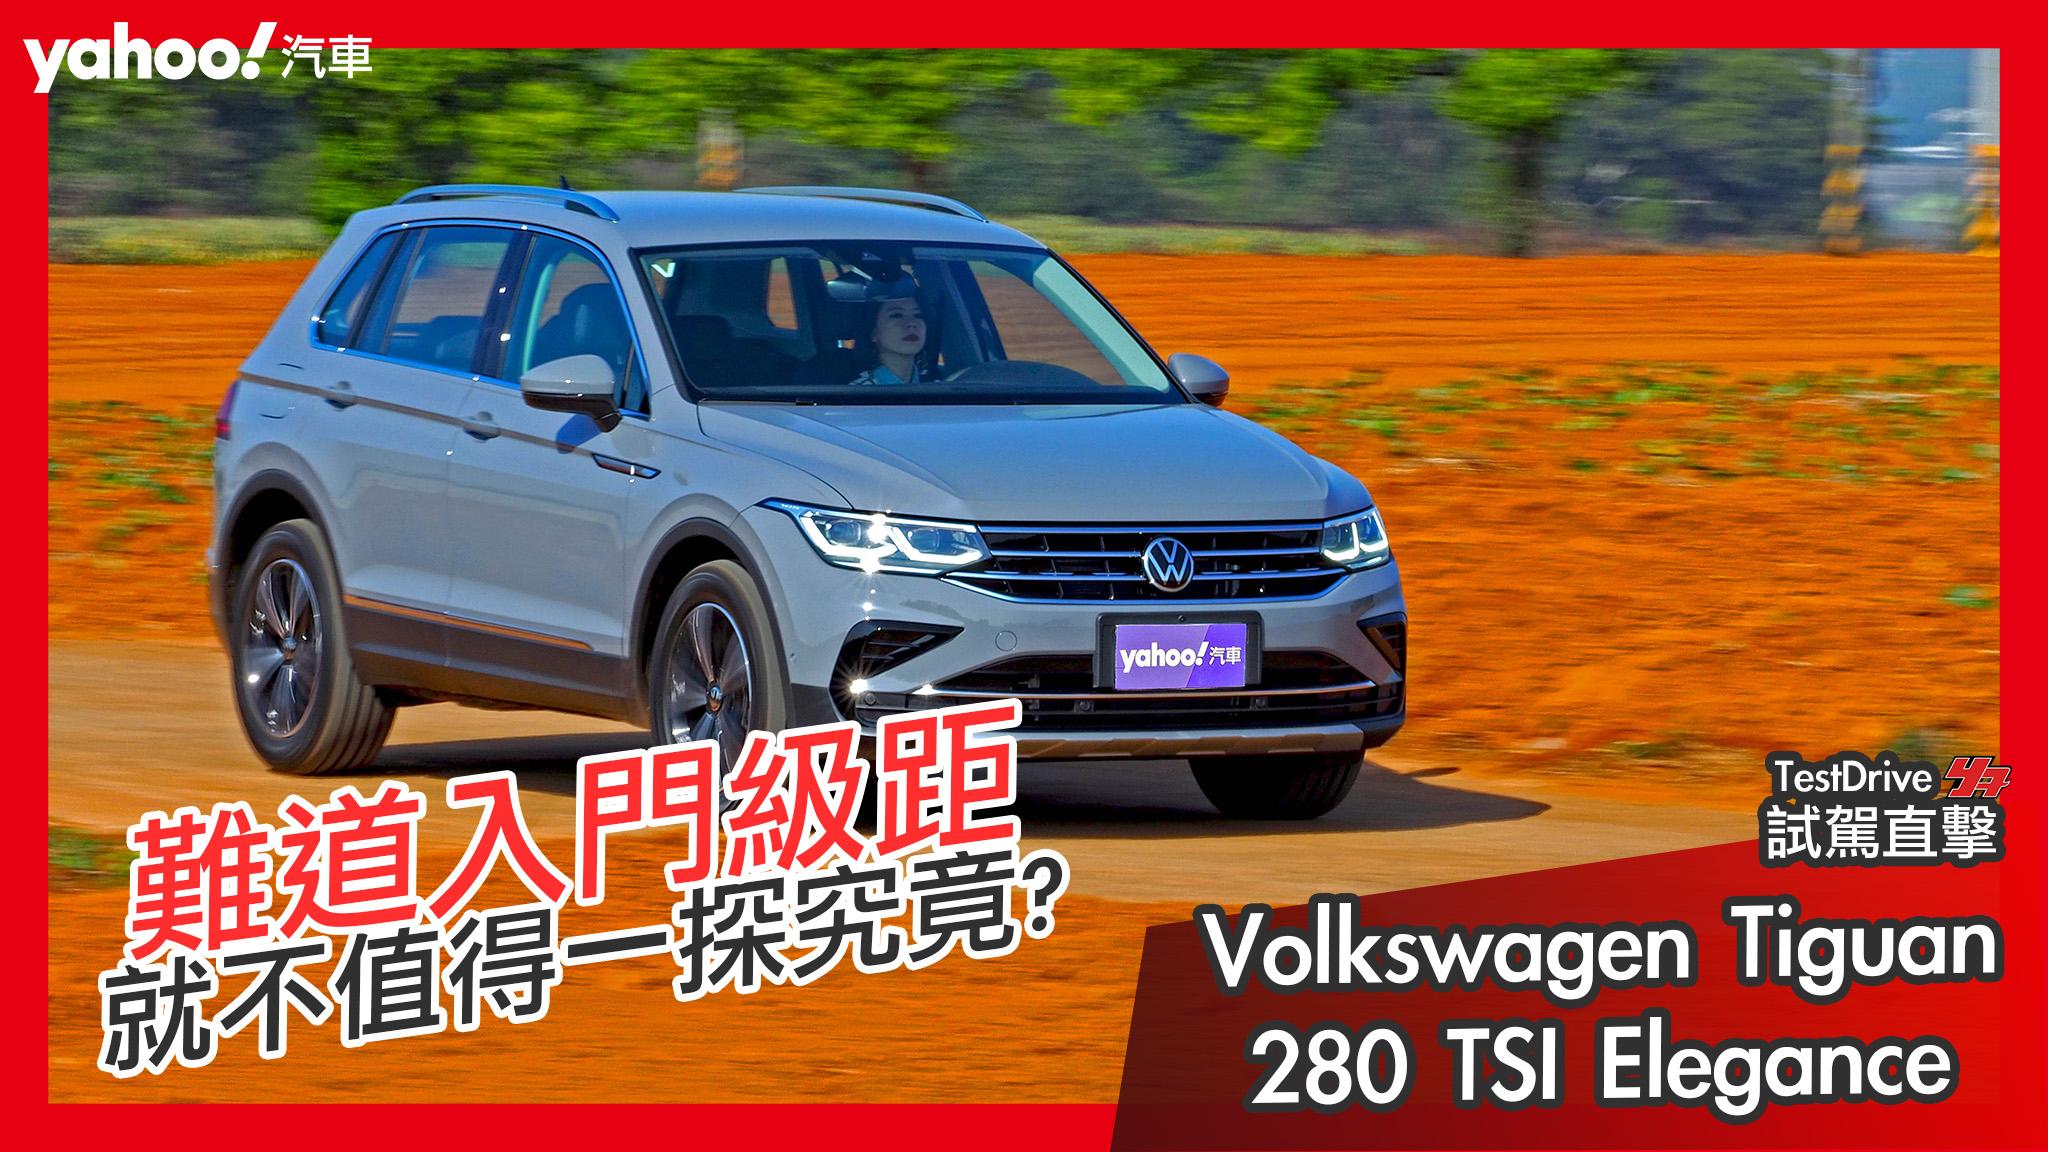 【試駕直擊】2021 Volkswagen Tiguan 280 TSI Elegance林中試駕!難道入門級距就不值得一探究竟?